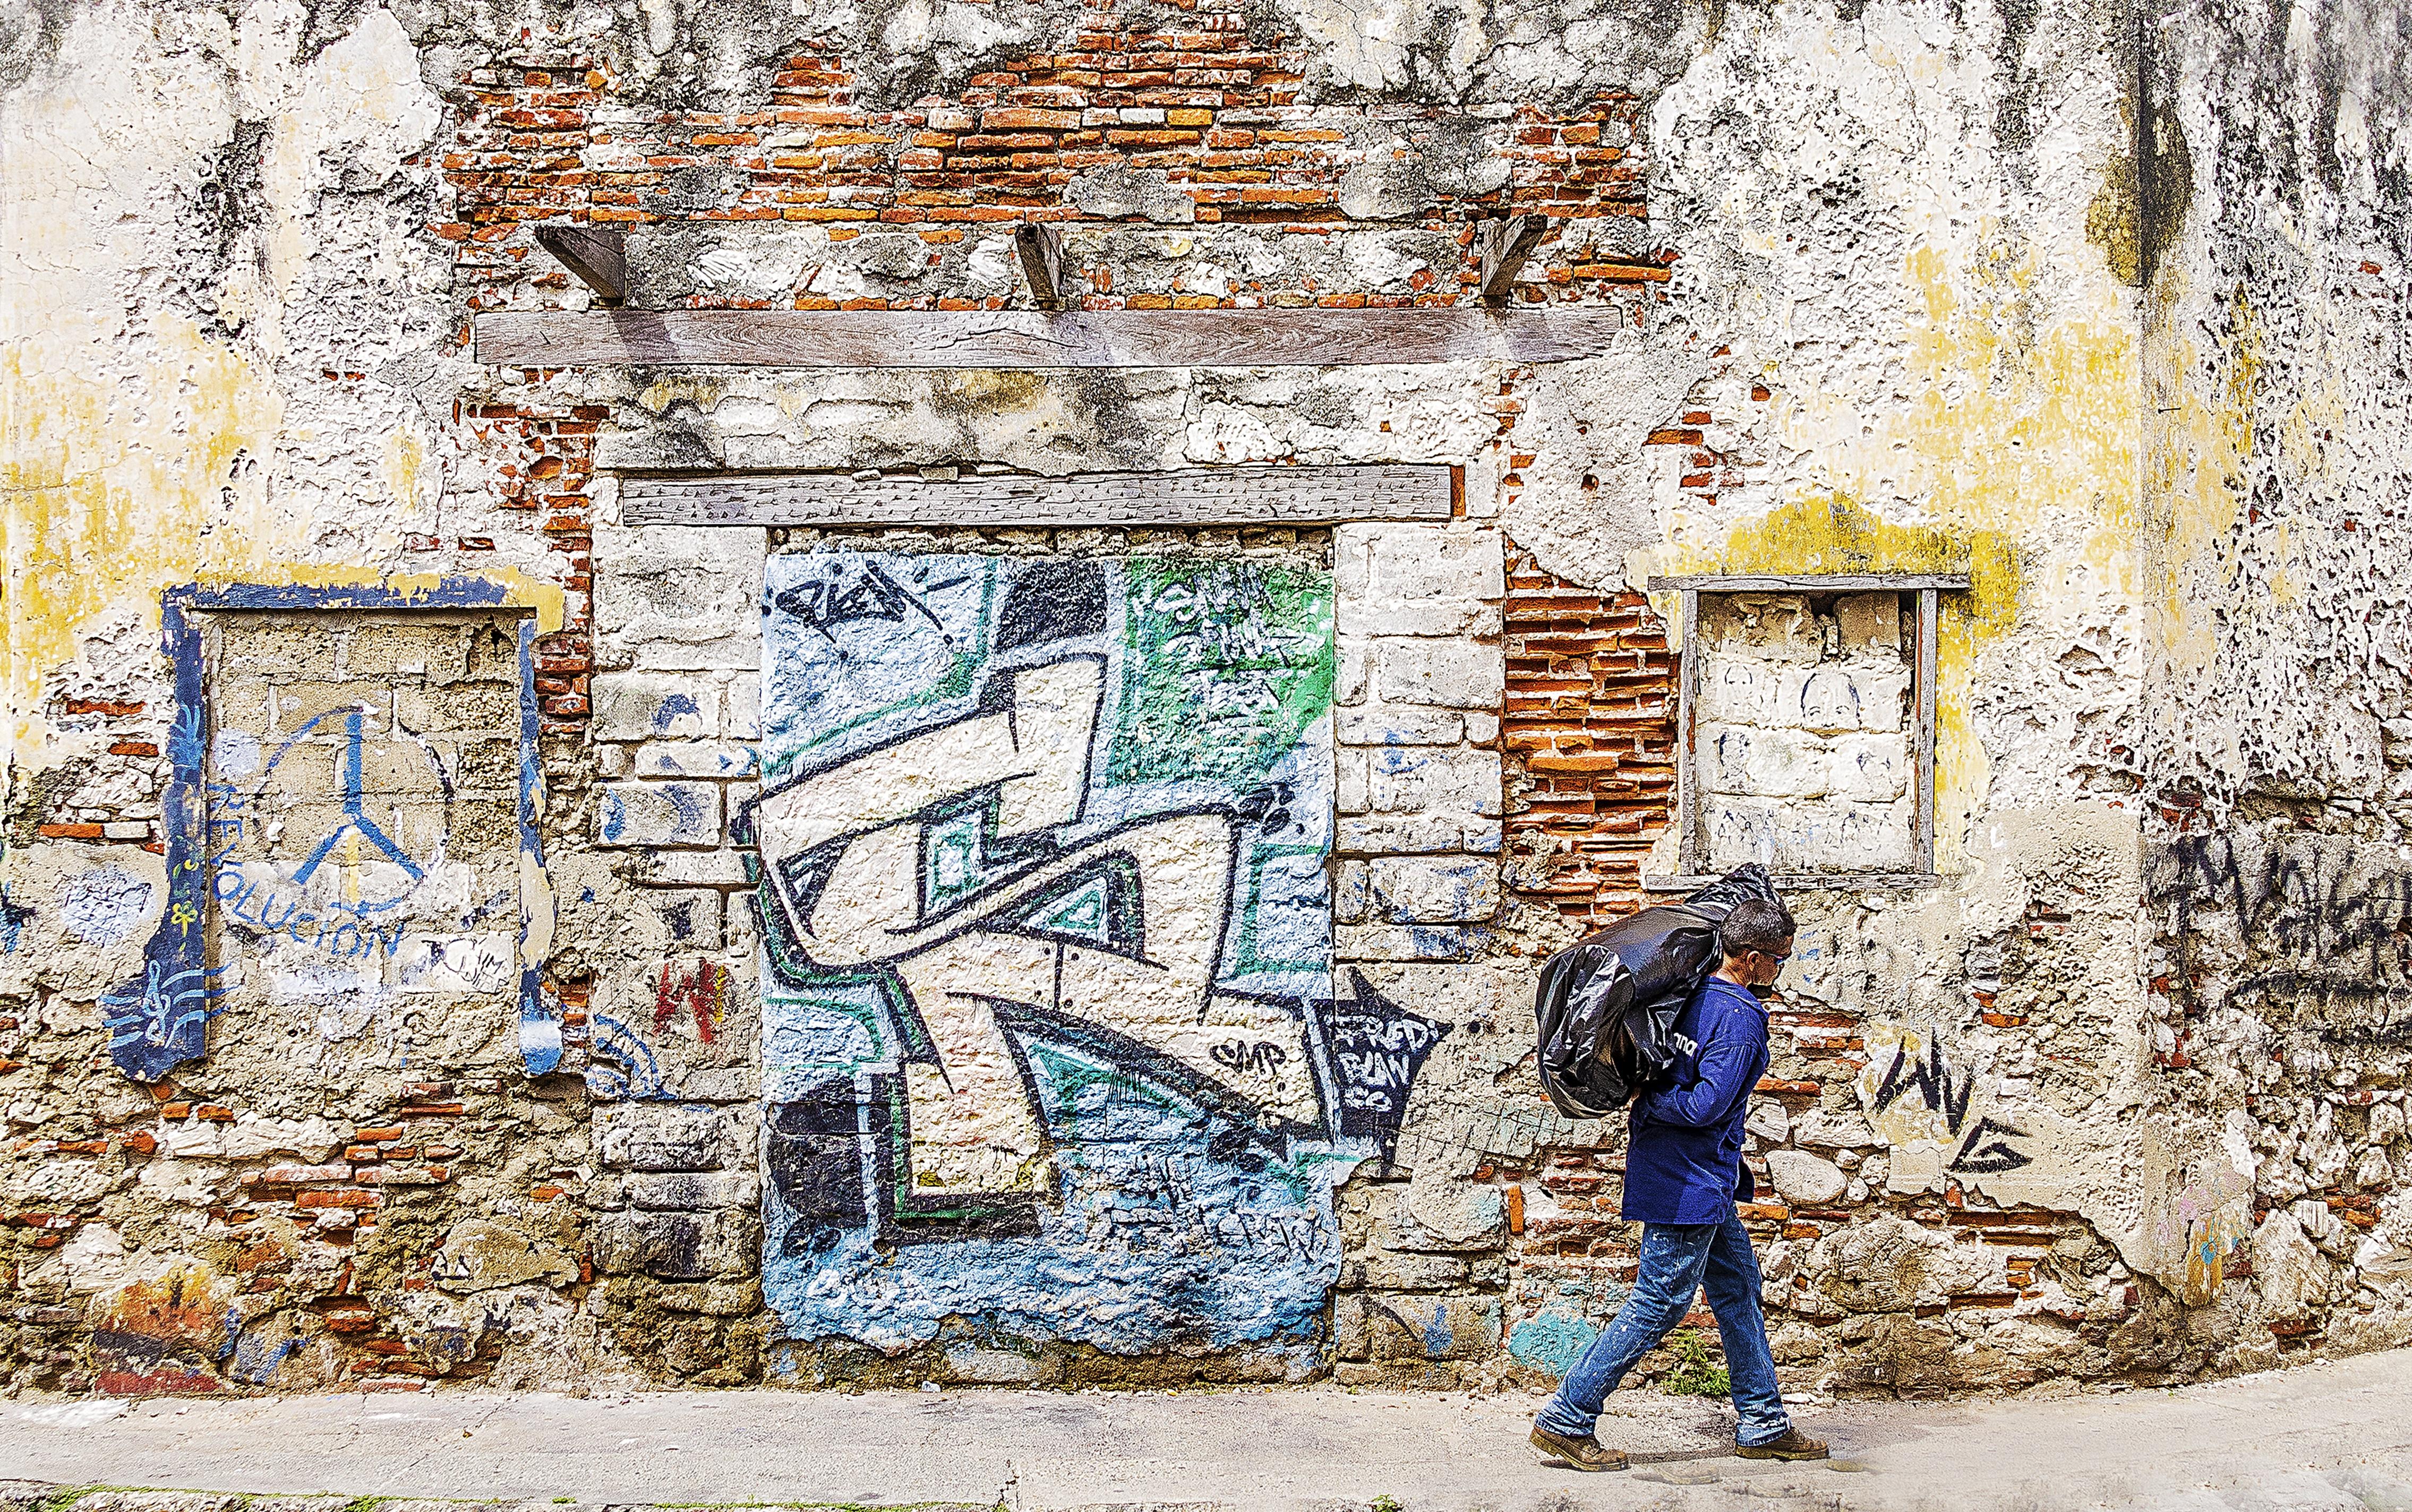 Fotoğraf Yaya şehir Sanatsal Grunge Duvar Yazısı Boyama